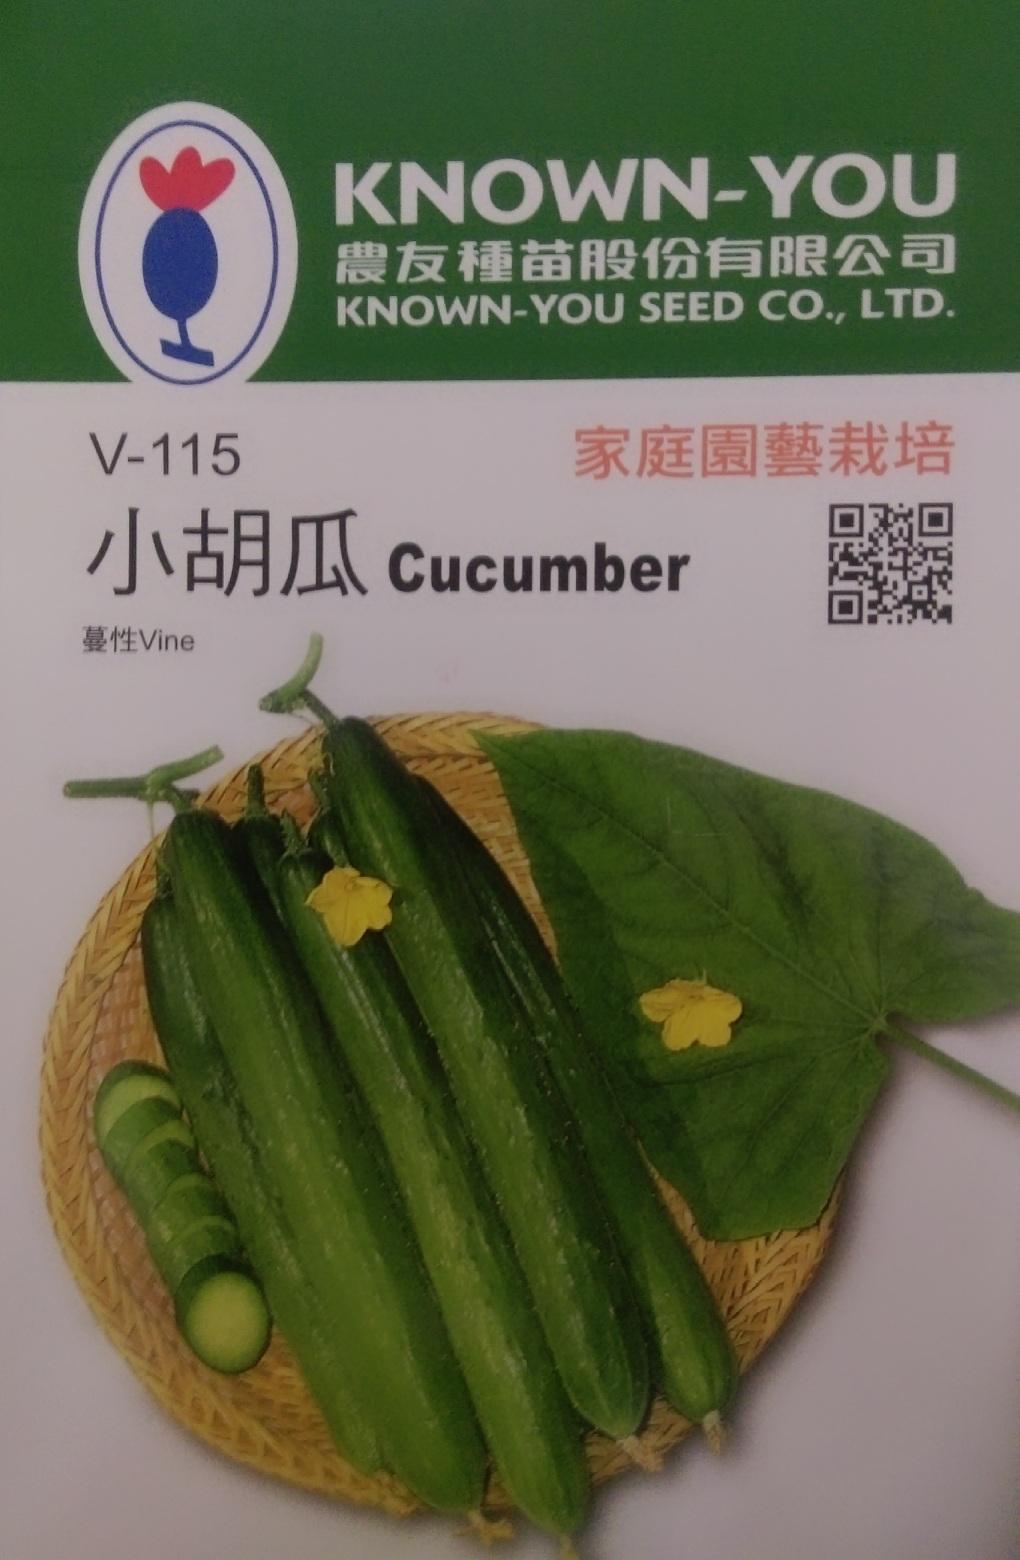 【尋花趣】農友種苗 小胡瓜(小黃瓜) 蔬菜種子  每包約30粒 保證新鮮種子